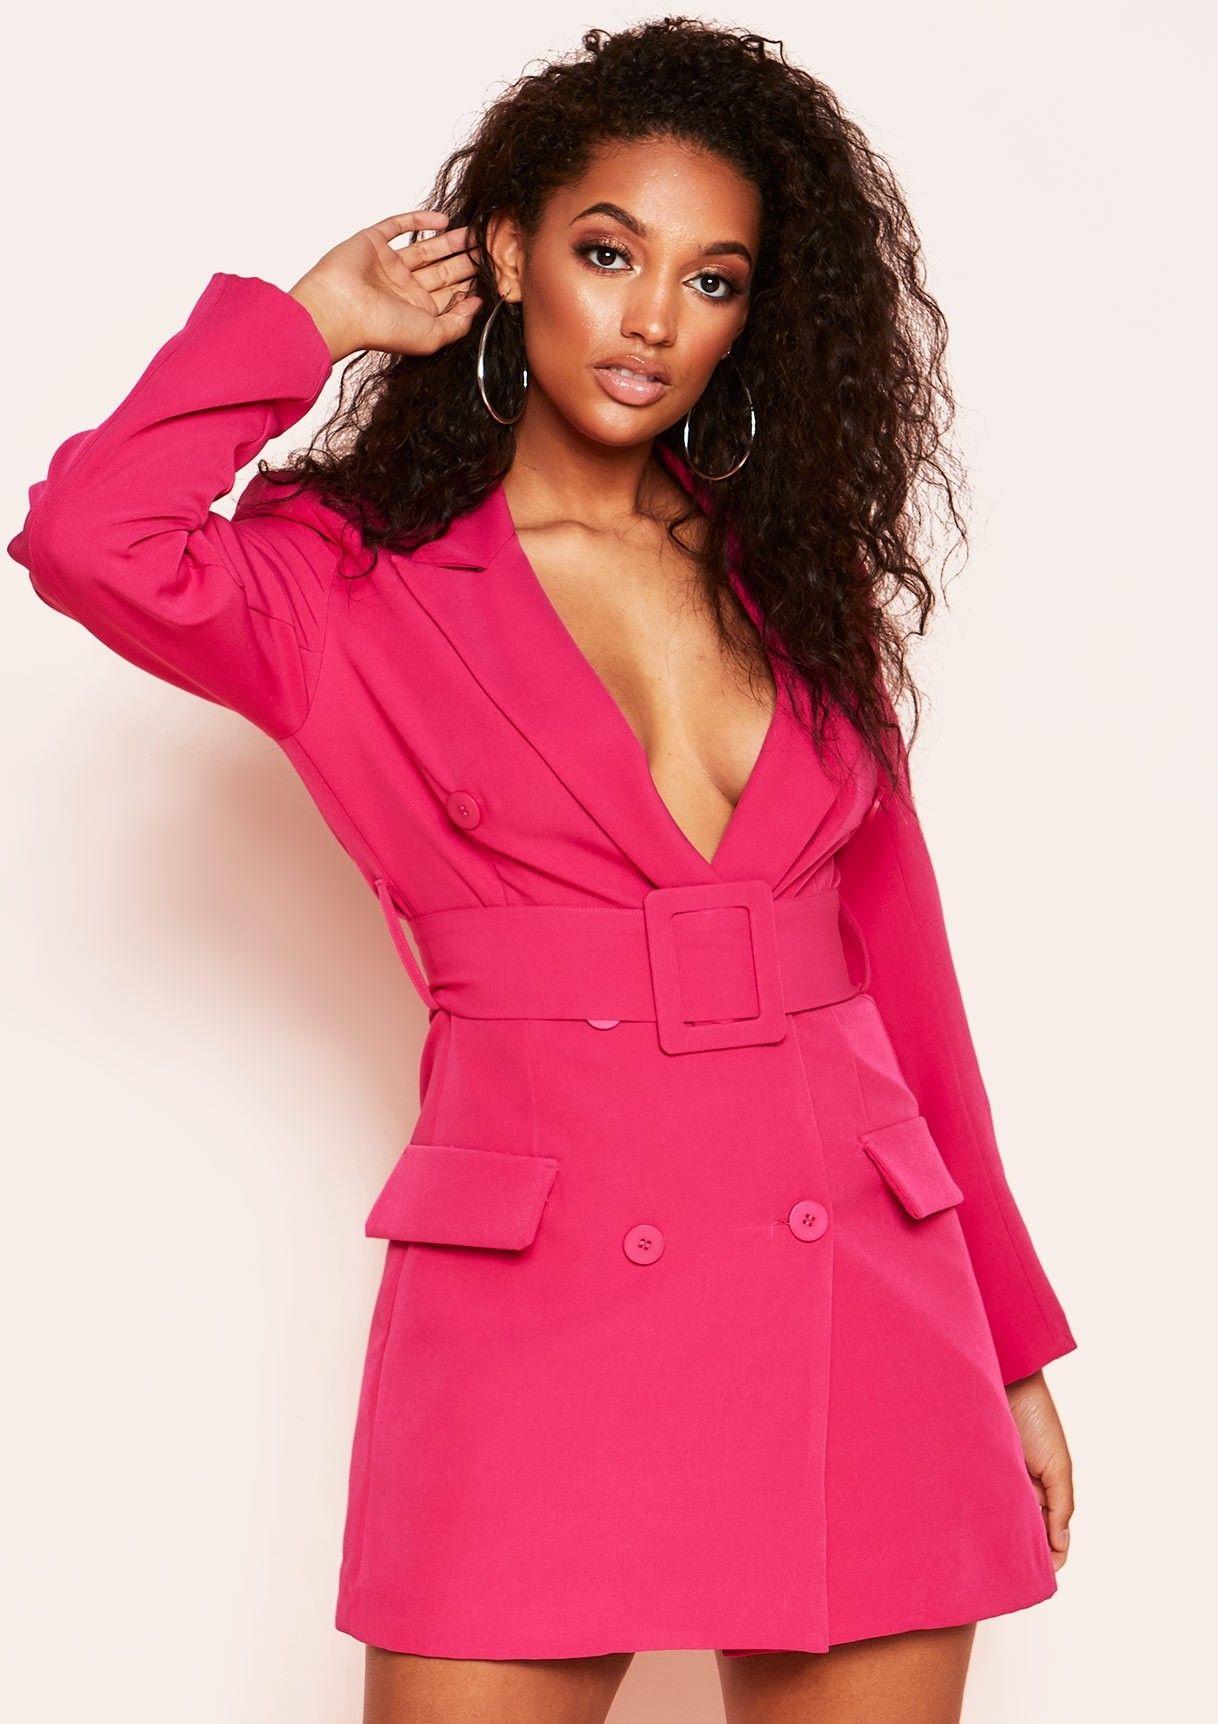 Missyempire - Hena Hot Pink Belted Blazer Dress c967c460d